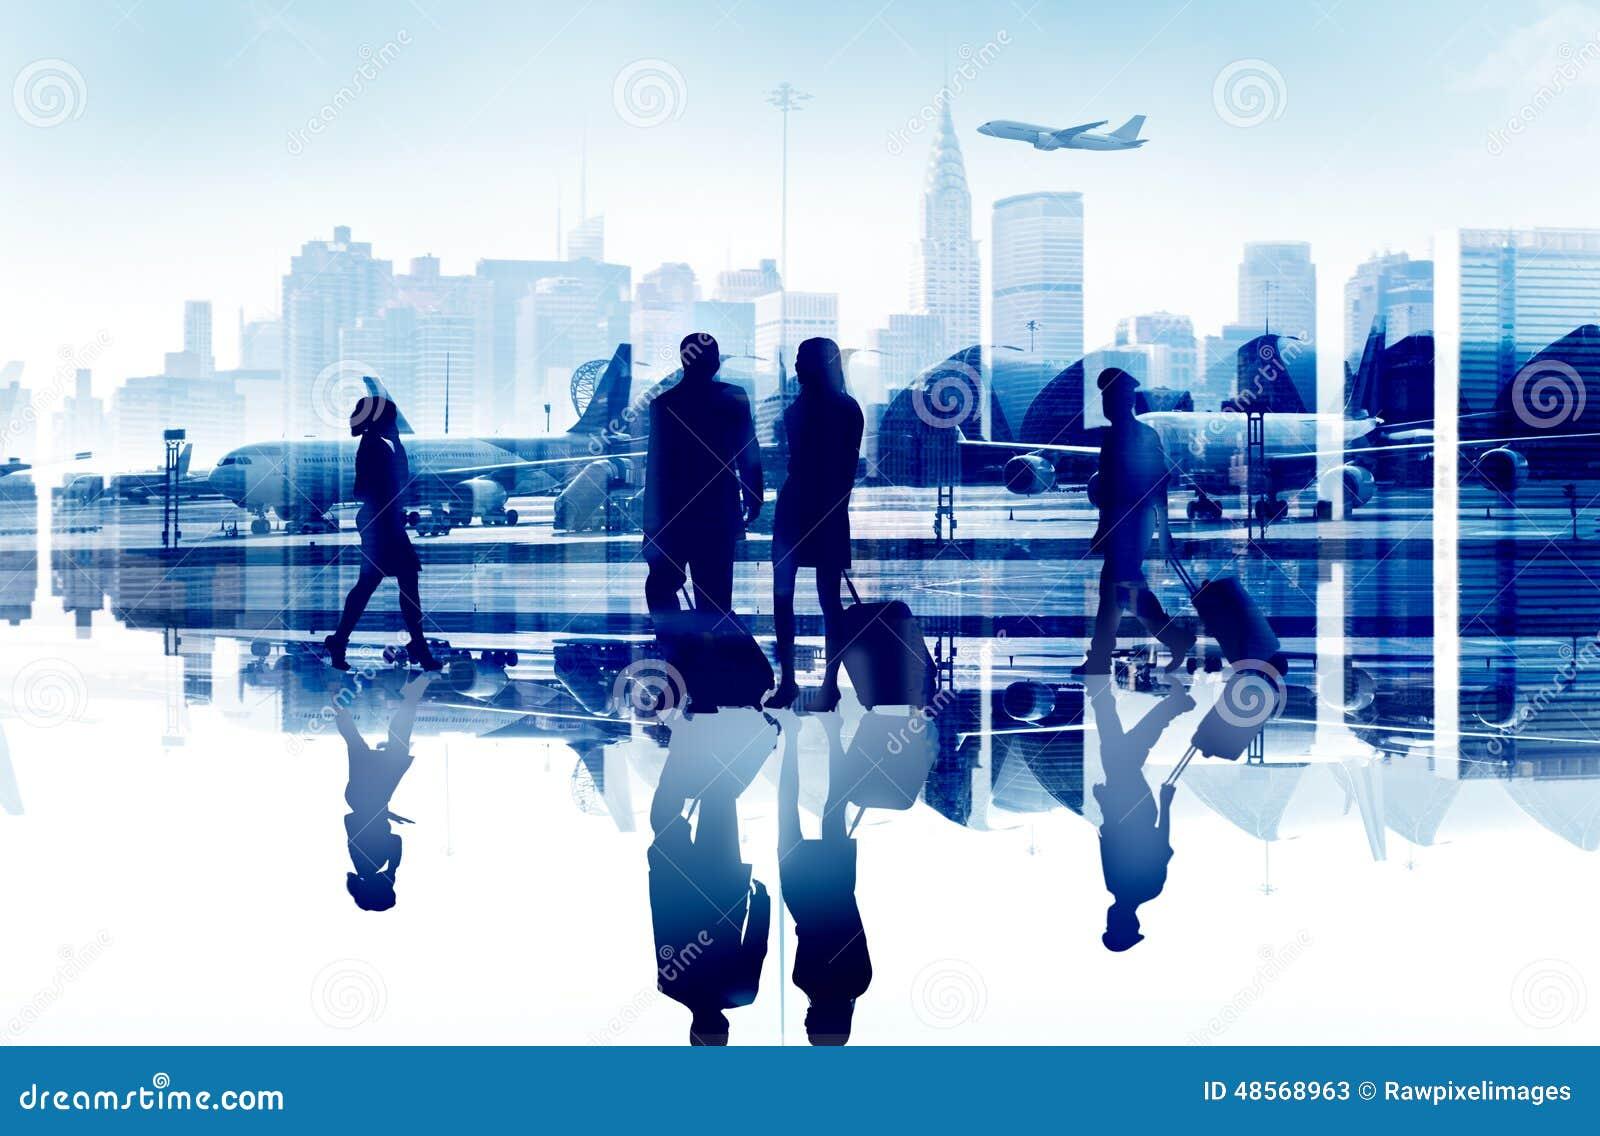 商人旅行公司机场客运枢纽站Conce